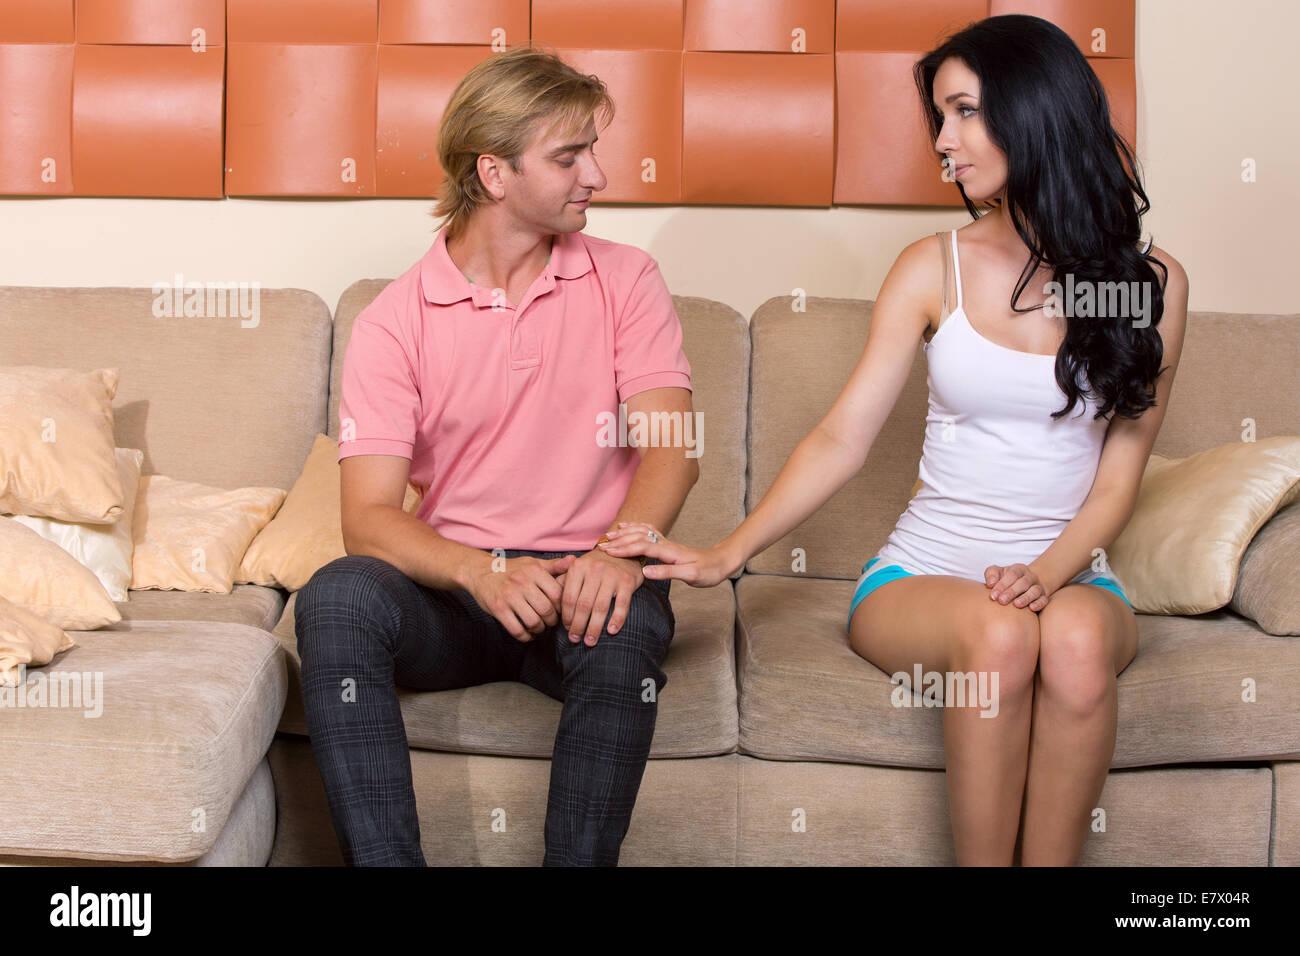 здесь сначала ссора а потом секс видео понял, что